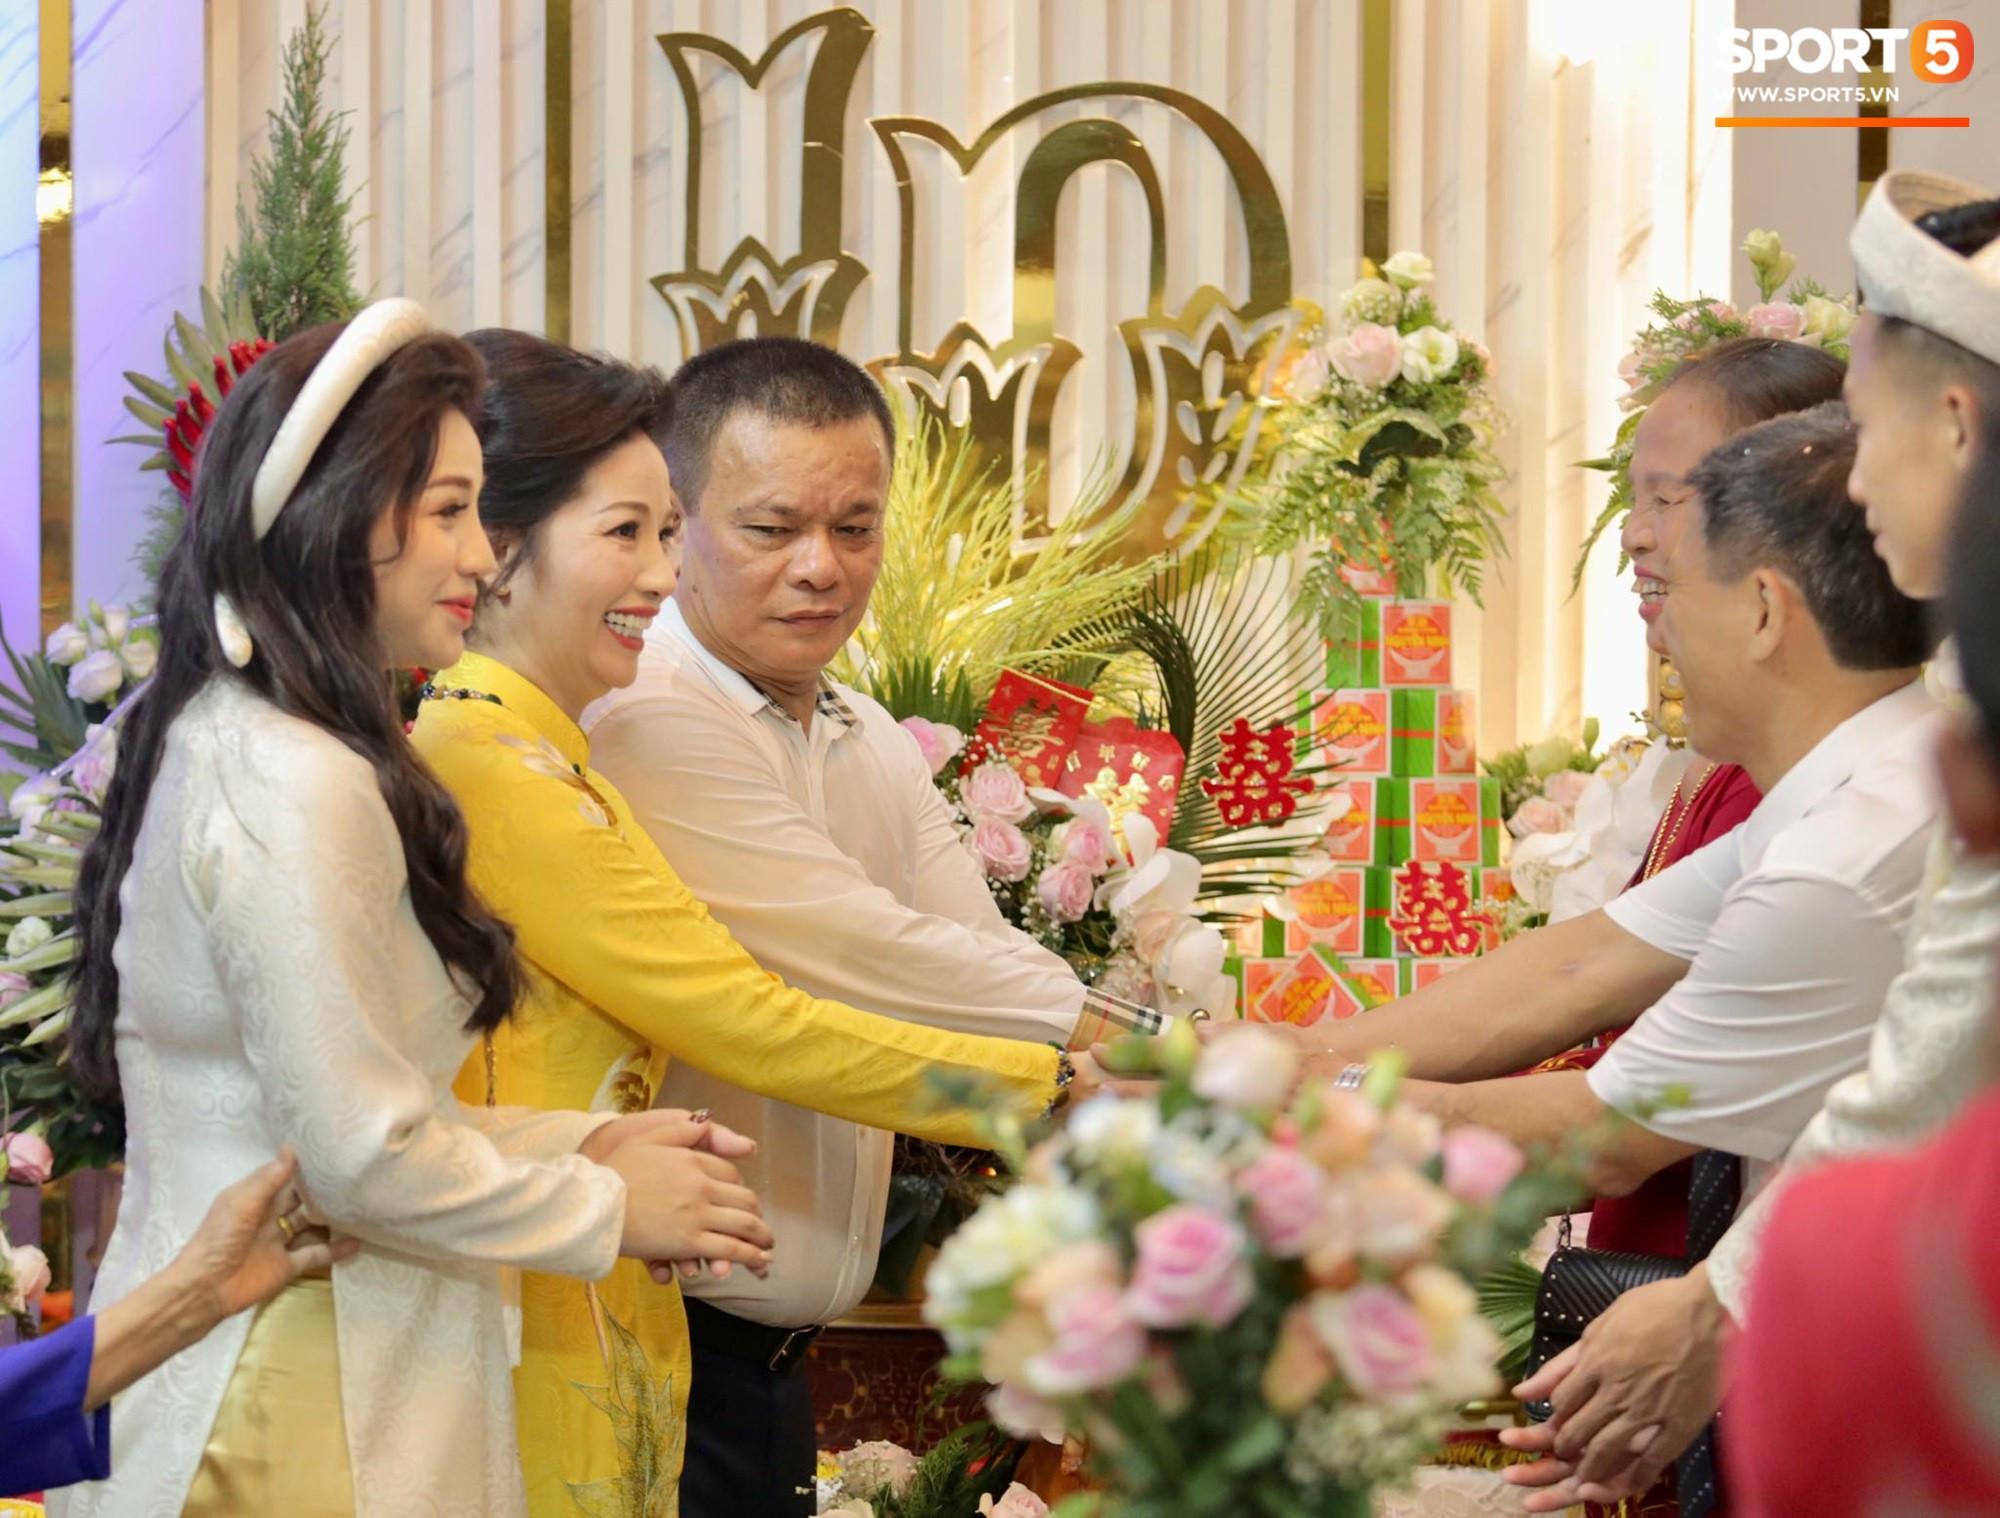 Đám hỏi hoành tráng của trung vệ Bùi Tiến Dũng: Gia đình làm lễ gia tiên, cô dâu chú rể ra mắt hai họ